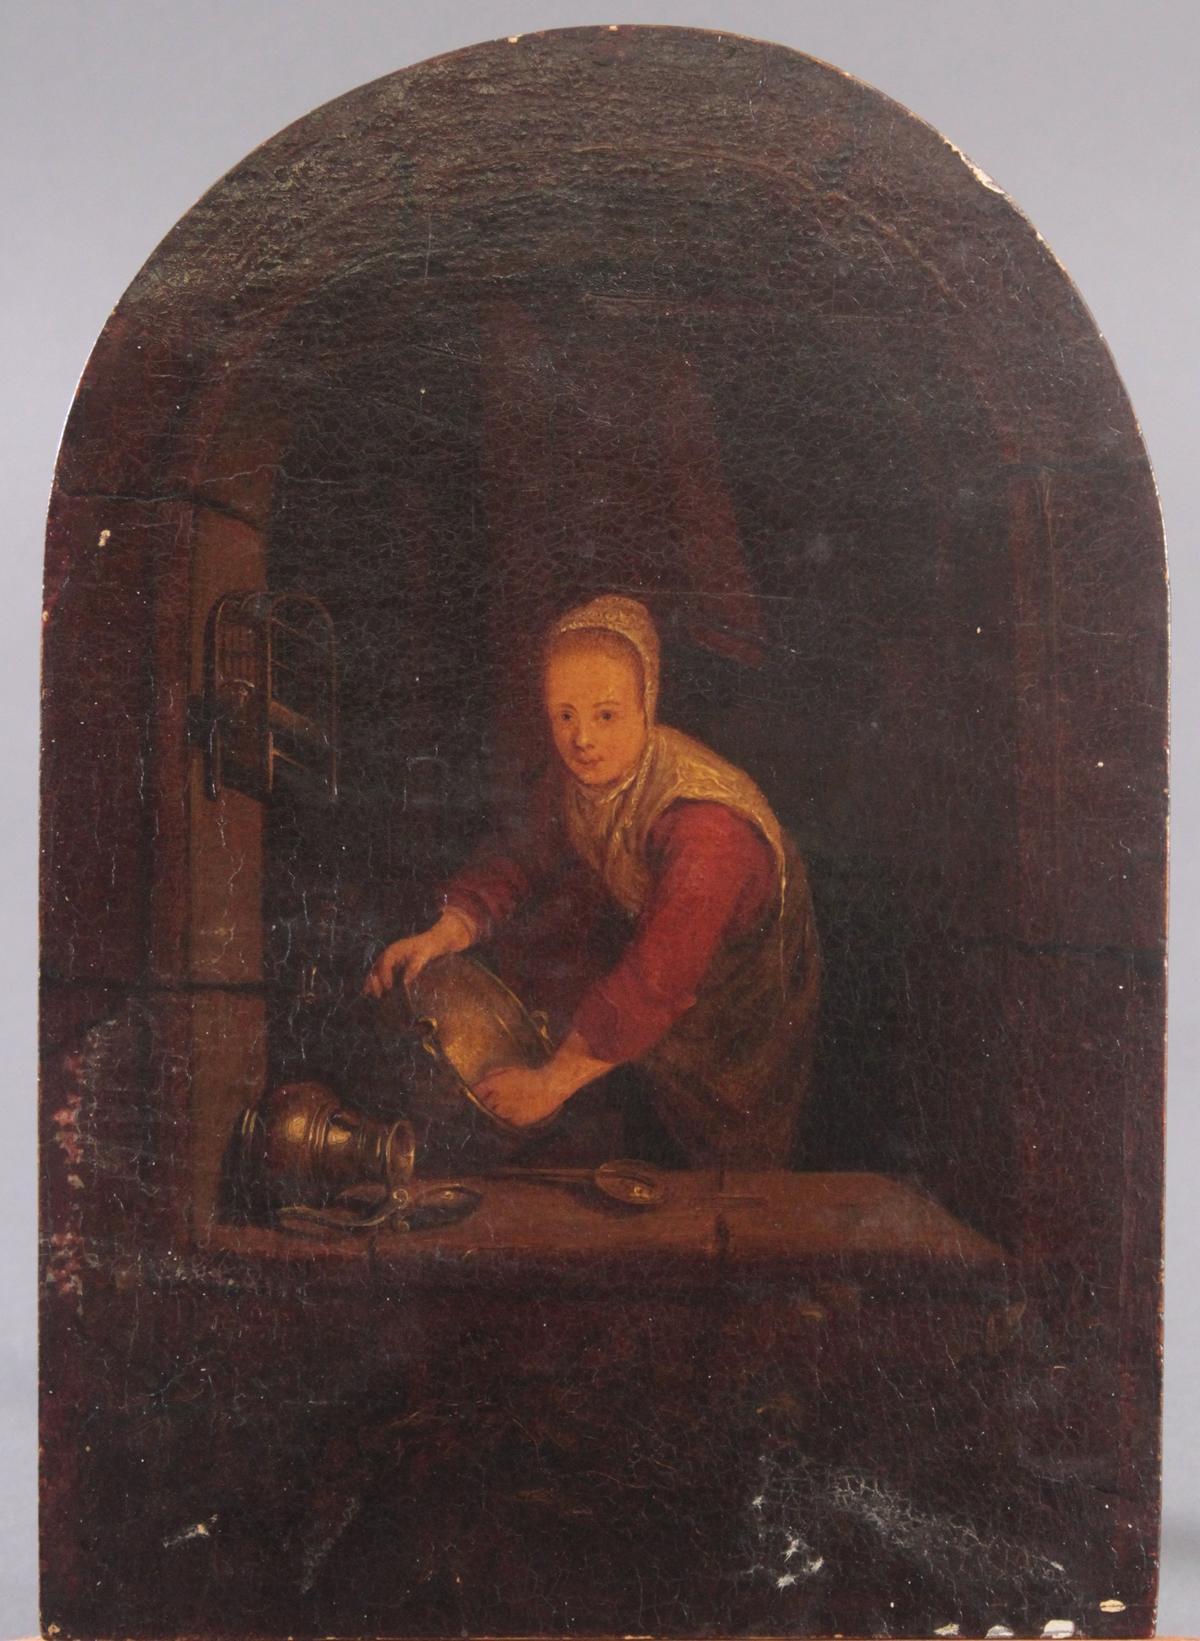 Gerard Dou (1613 – 1675)